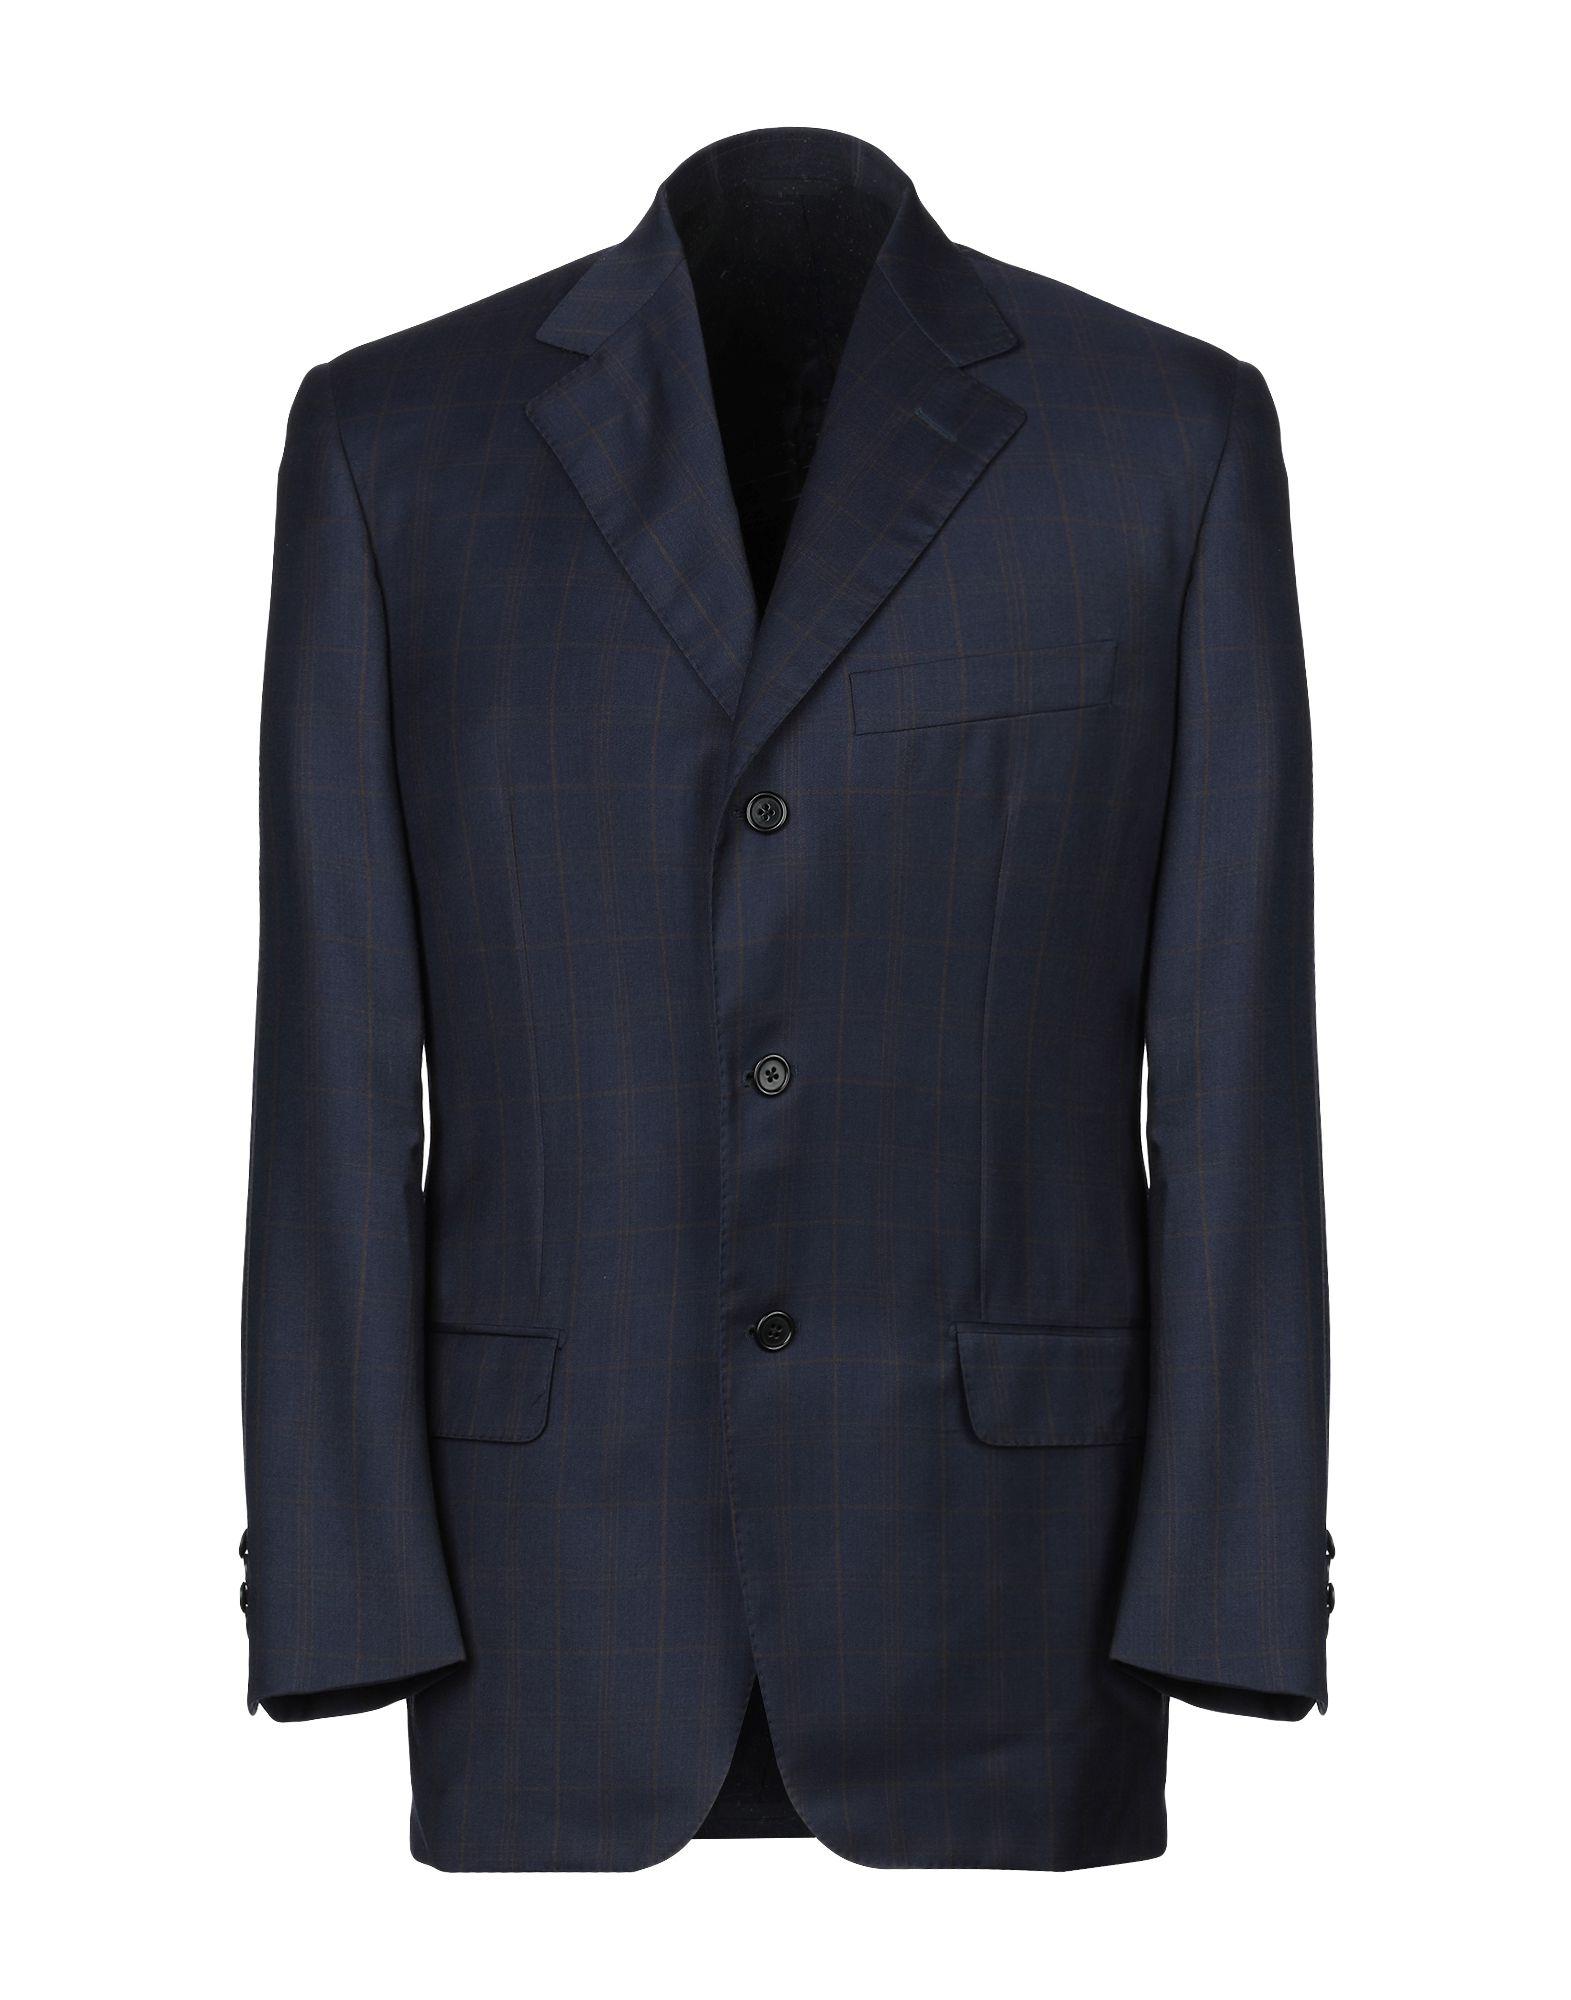 BARTON Пиджак шерстяной пиджак мужской в клетку